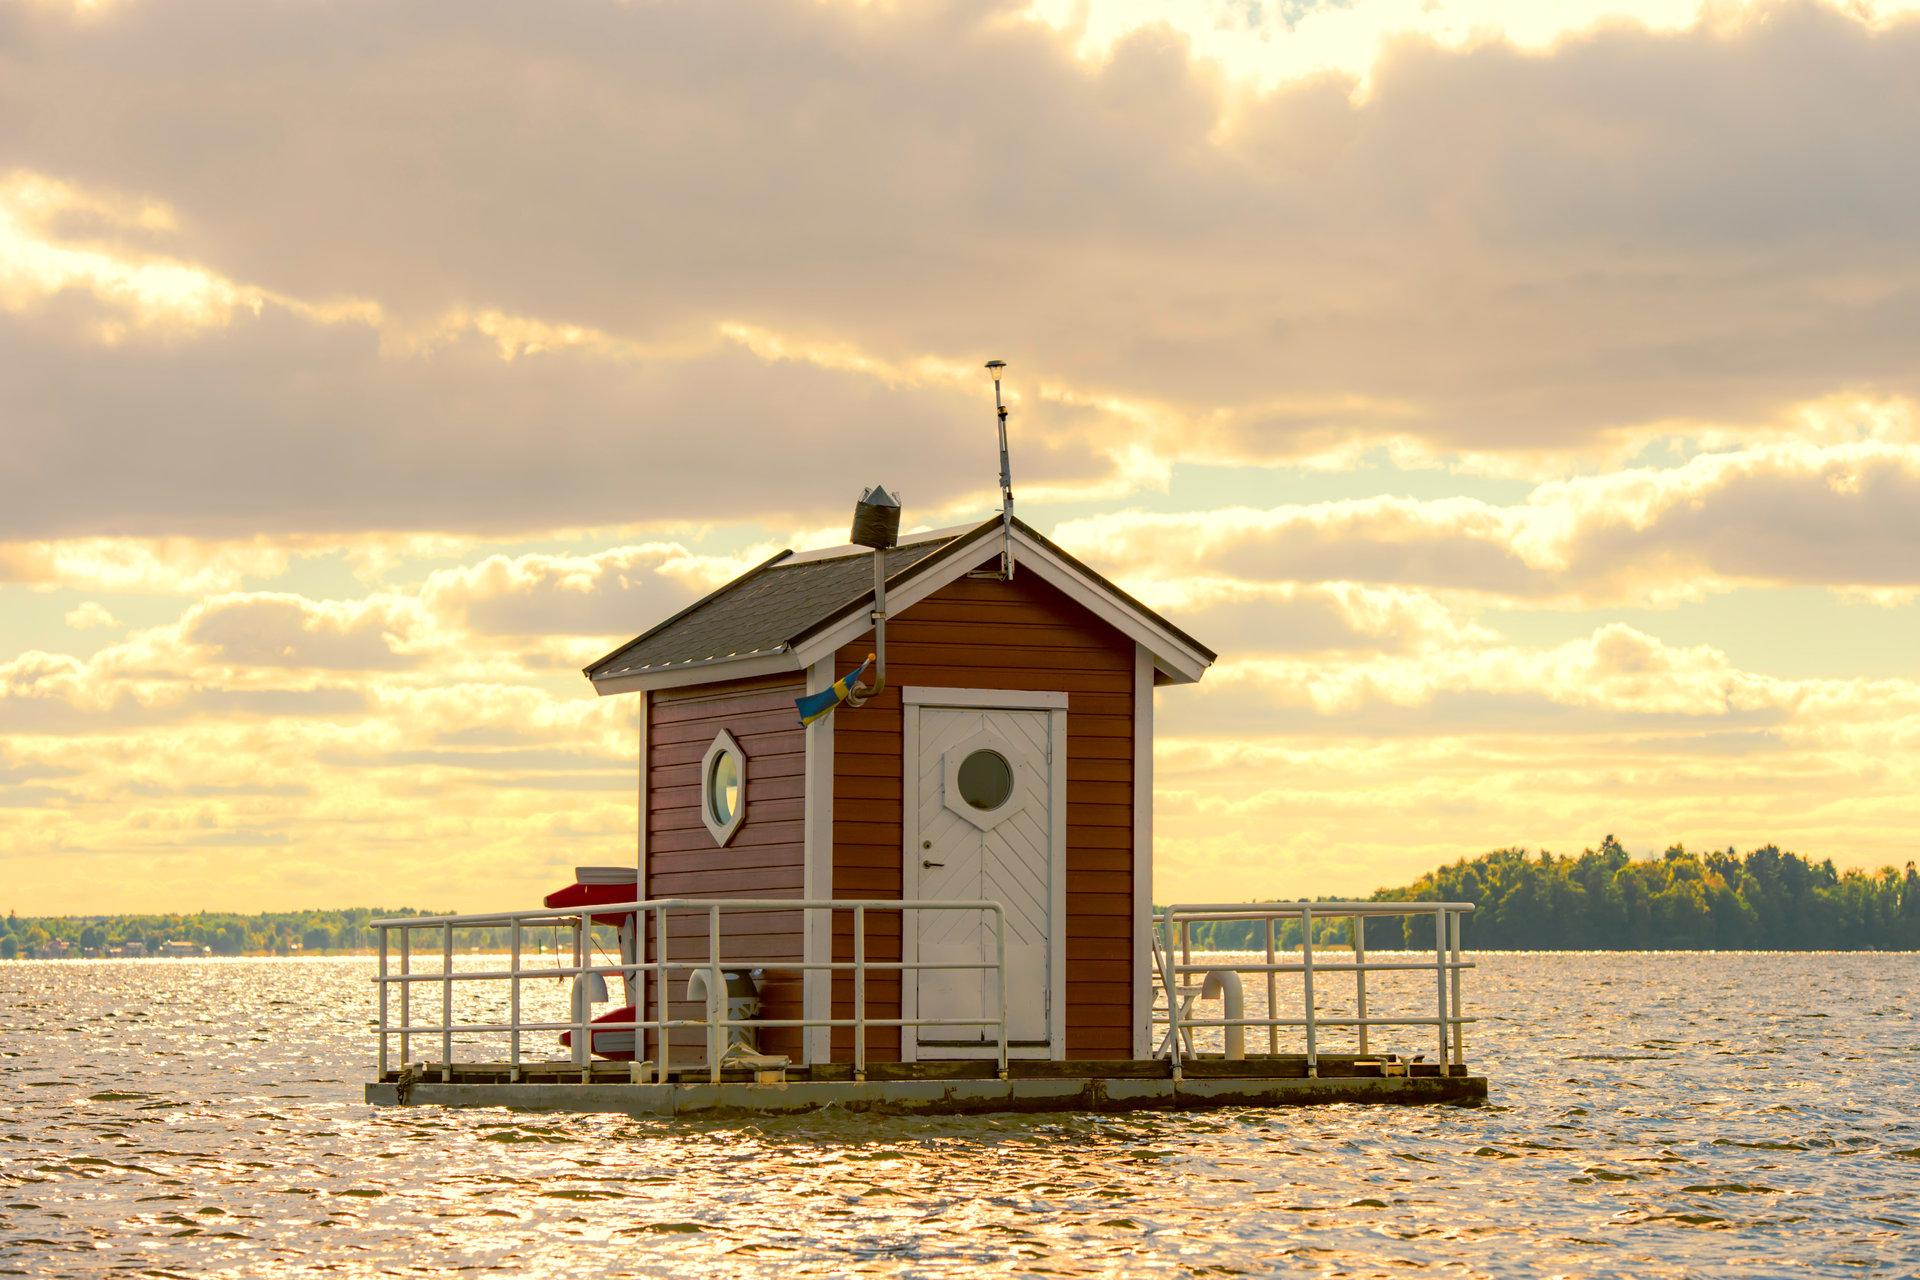 Undervattenshotellet Hotell Utter Inn, en röd liten flytande stuga, på Mälaren i solnedgång en sommarkväll. Fotograf: Leon Grimaldi